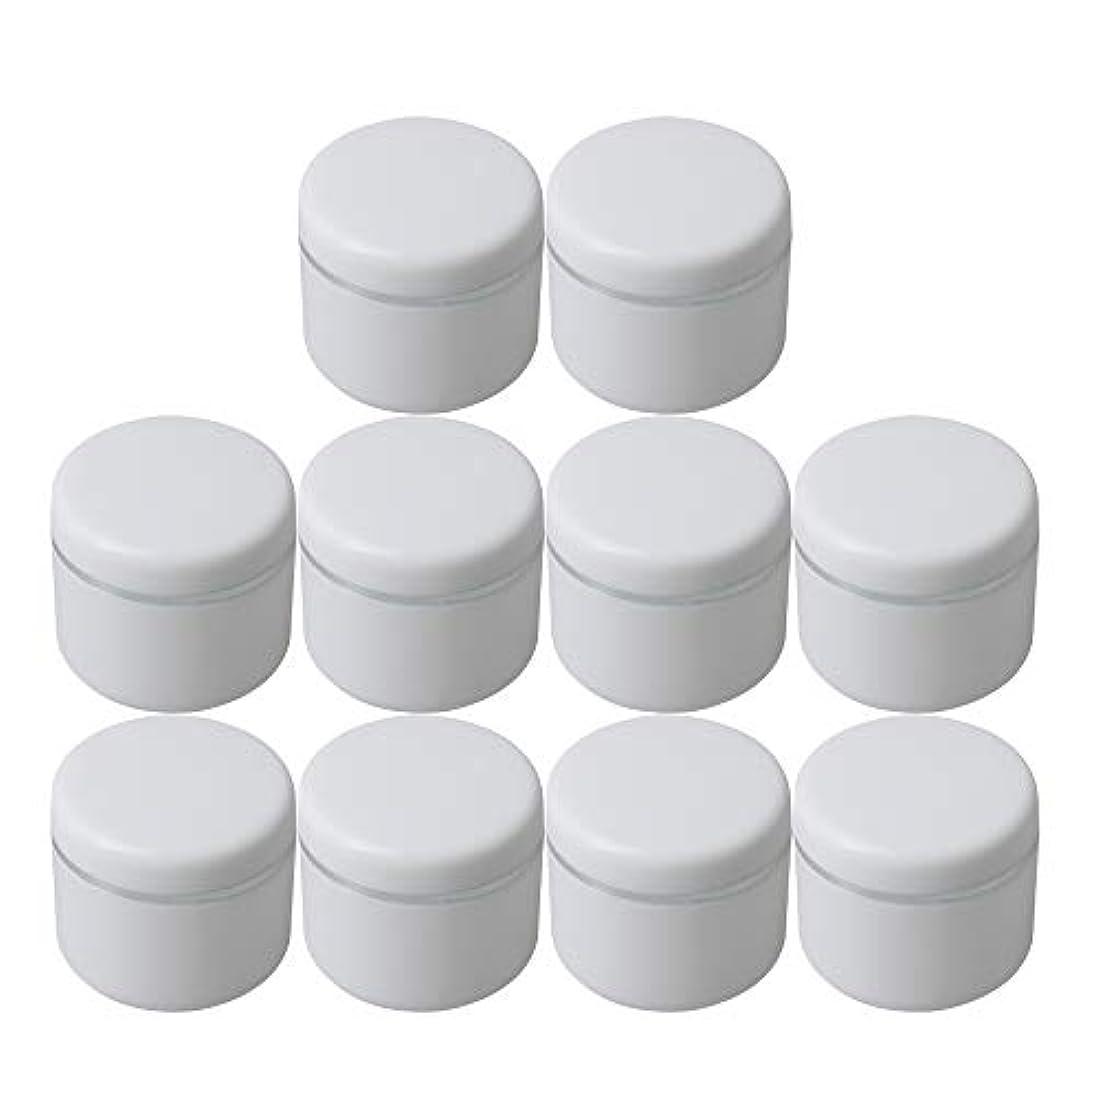 敷居宙返り寮Diystyle 10個入 クリームケース 空ポット 空容器 化粧品用 30g 詰替え ホワイト